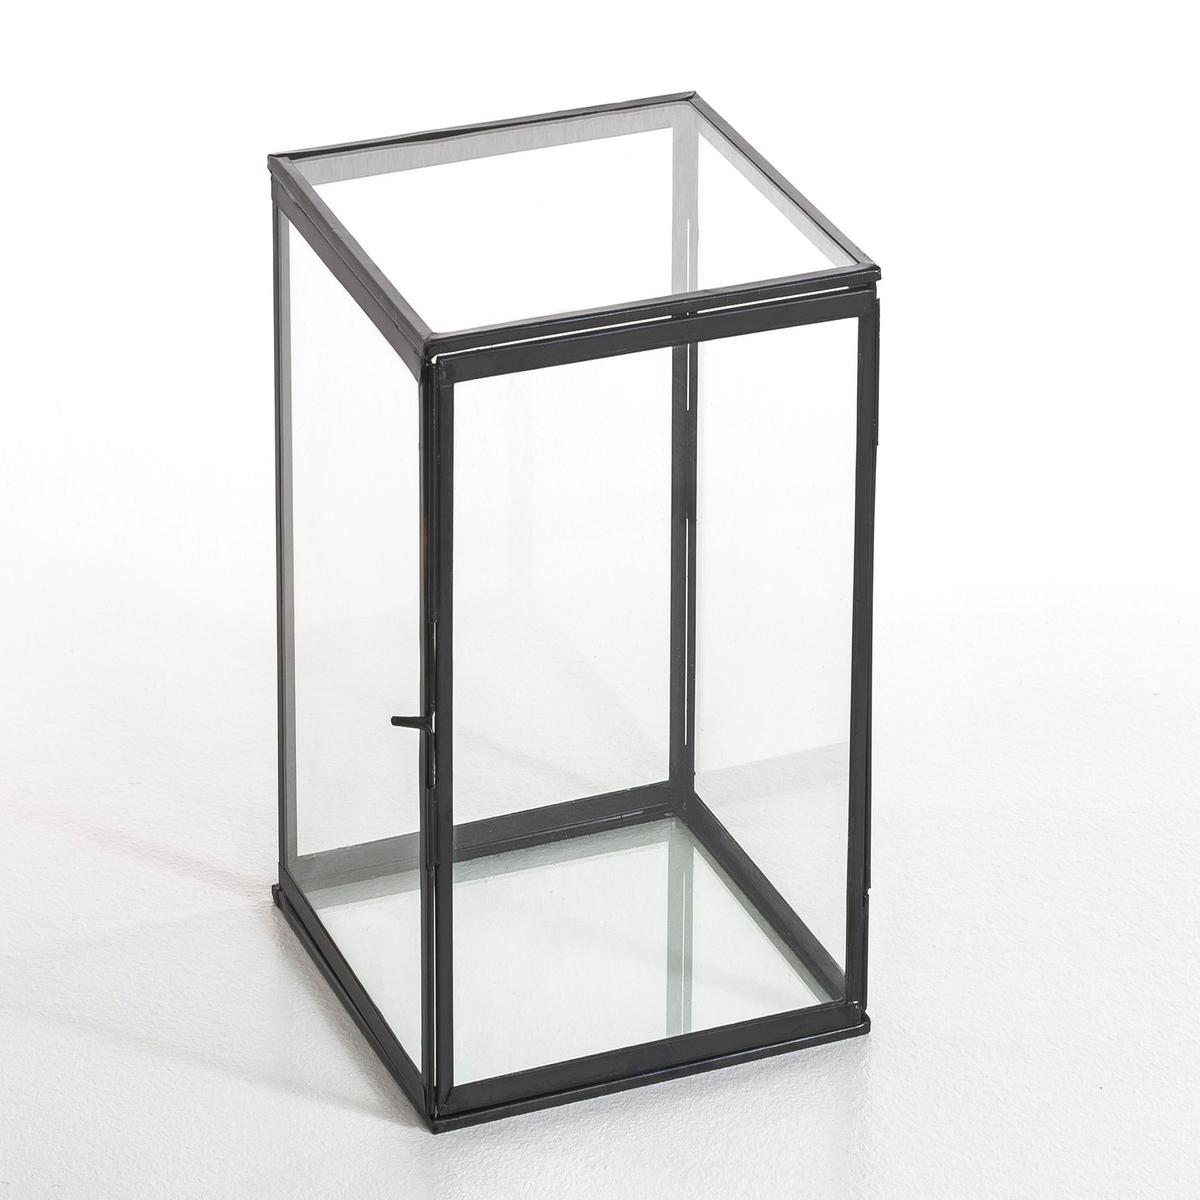 Коробка-витрина, MisiaКоробка-витрина в форме трапеции, Misia. Можно расположить вертикально или горизонтально . Симпатичный макси формат идеален для выделения различных предметов  .Описание : - Выполнена из стекла и металла- Медная отделка, черного или золотистого цвета .- Ремесленное производство, собрана вручную Размеры : - 40 x 20 x 20 см .<br><br>Цвет: черный металл